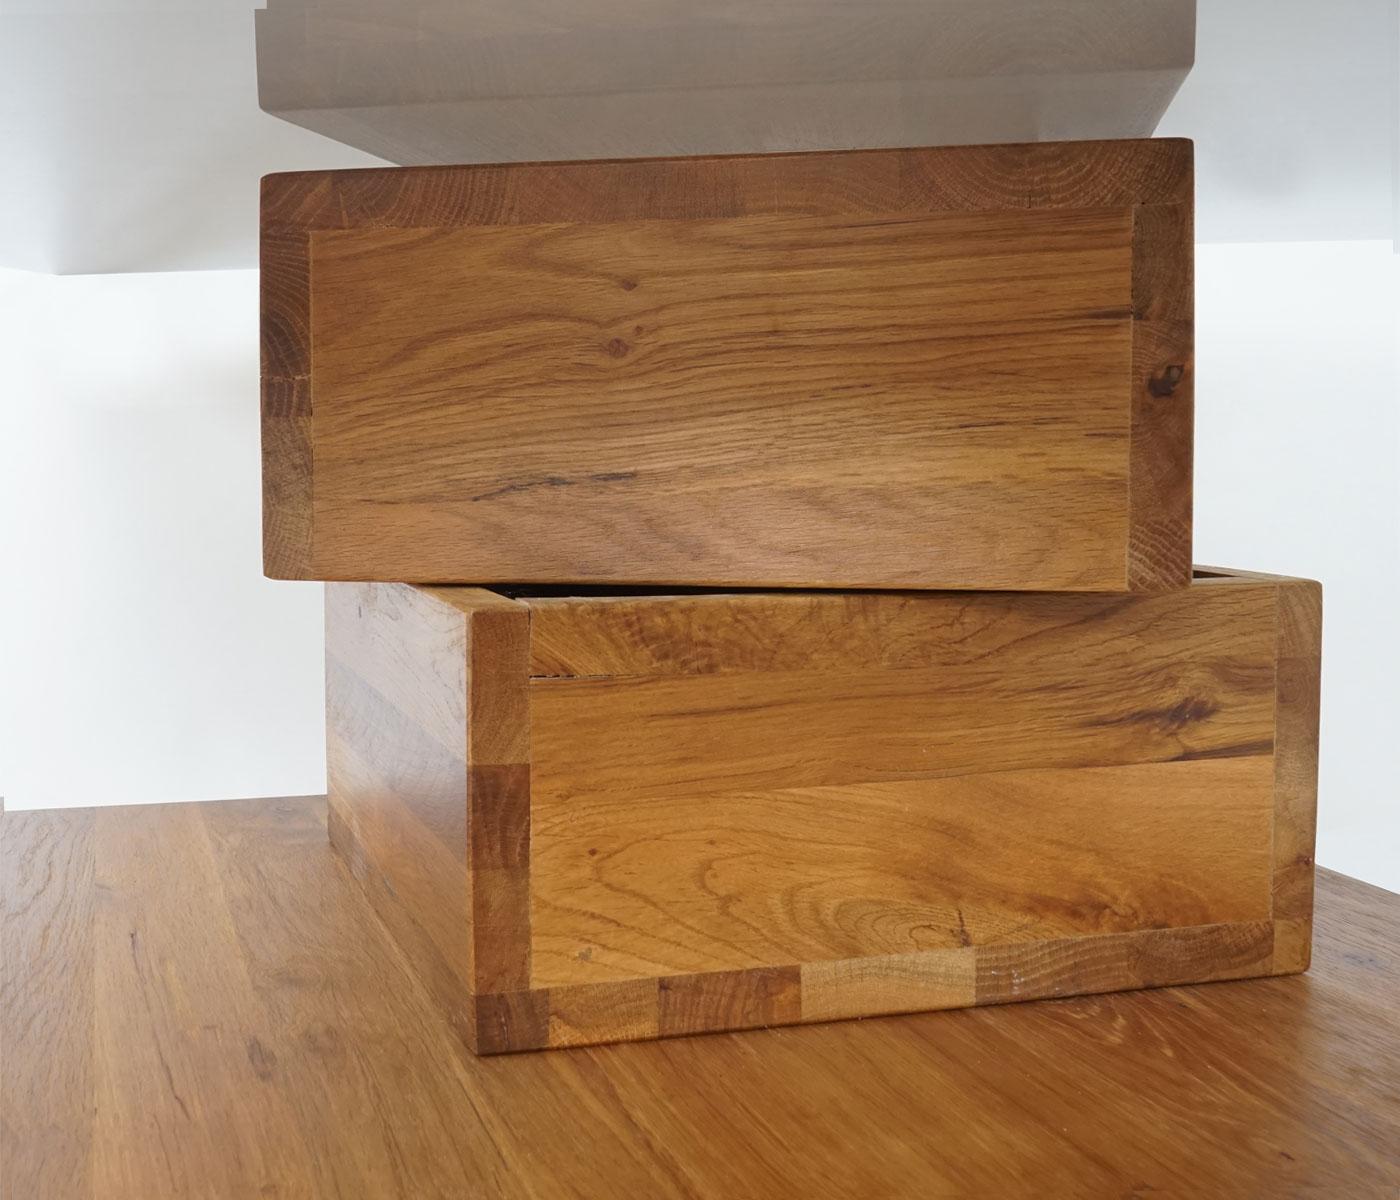 mca couchtisch hl design amadeo wohnzimmertisch. Black Bedroom Furniture Sets. Home Design Ideas